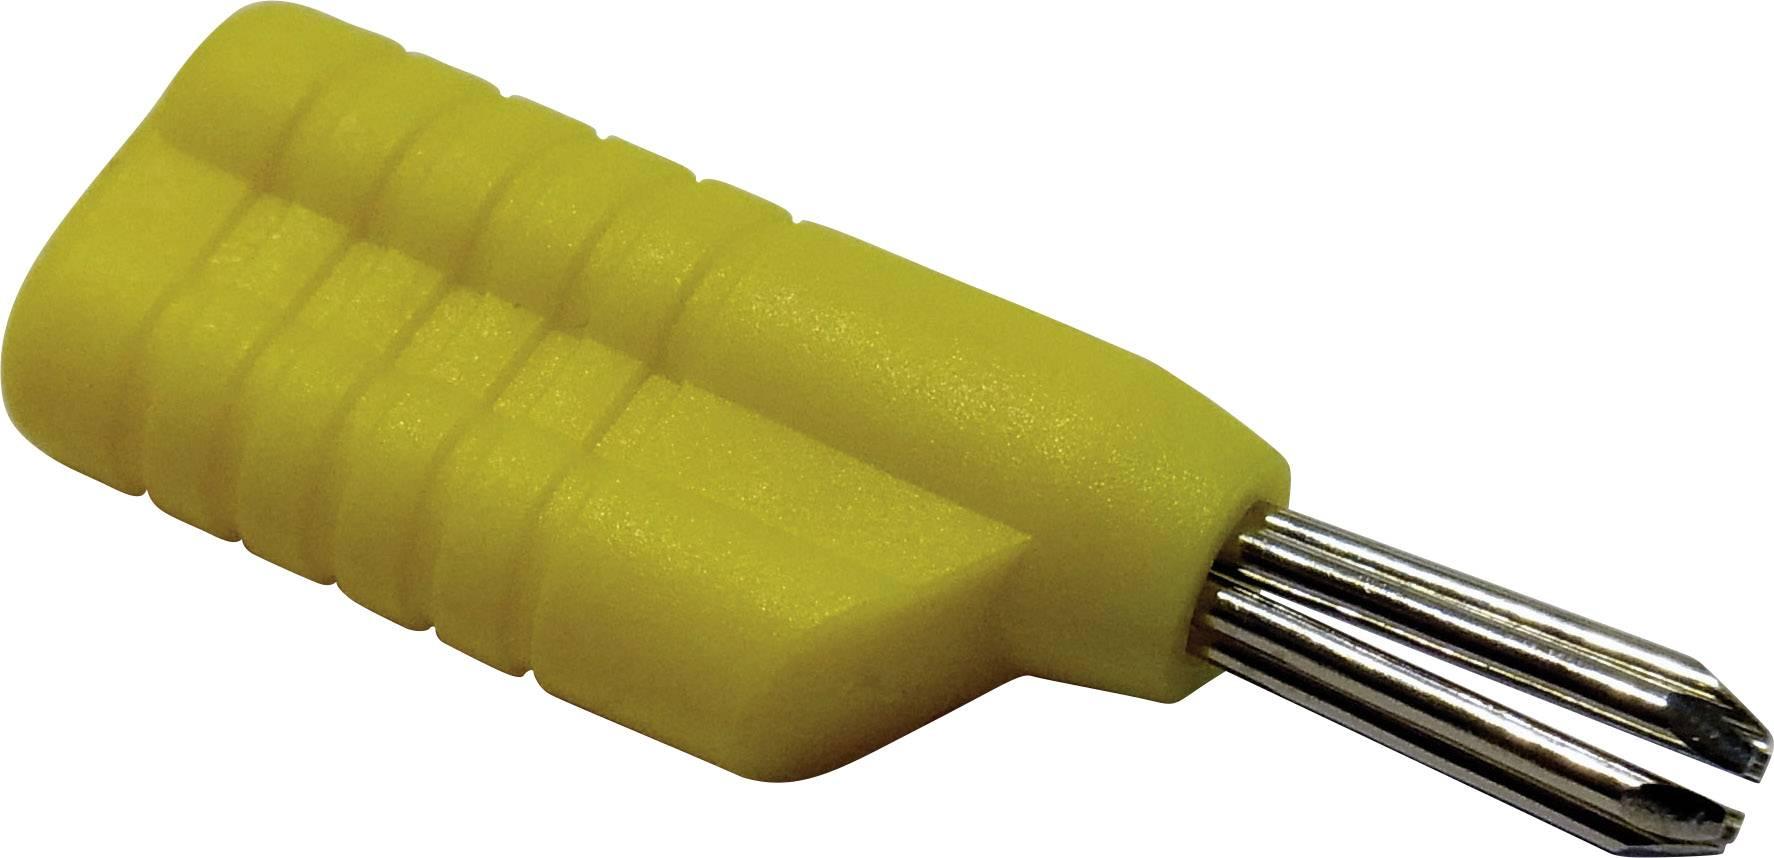 Banánový konektor Schnepp N 4041 L – zástrčka, rovná, Ø hrotu: 4 mm, žltá, 1 ks